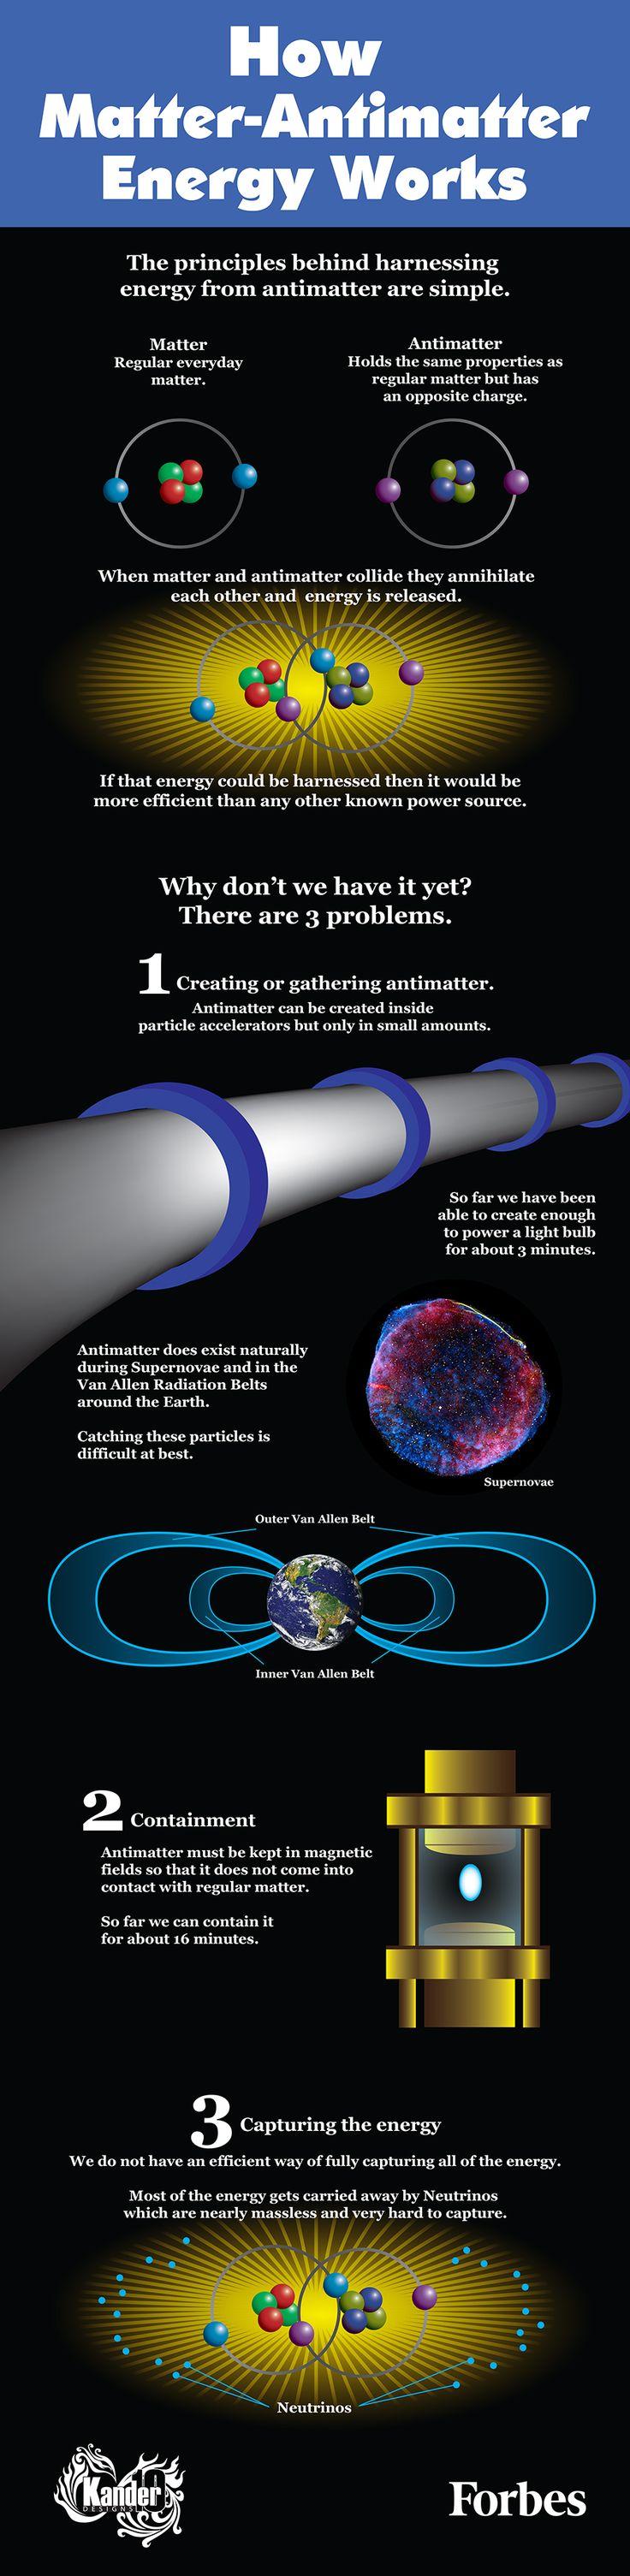 How Matter-Antimatter Energy Works